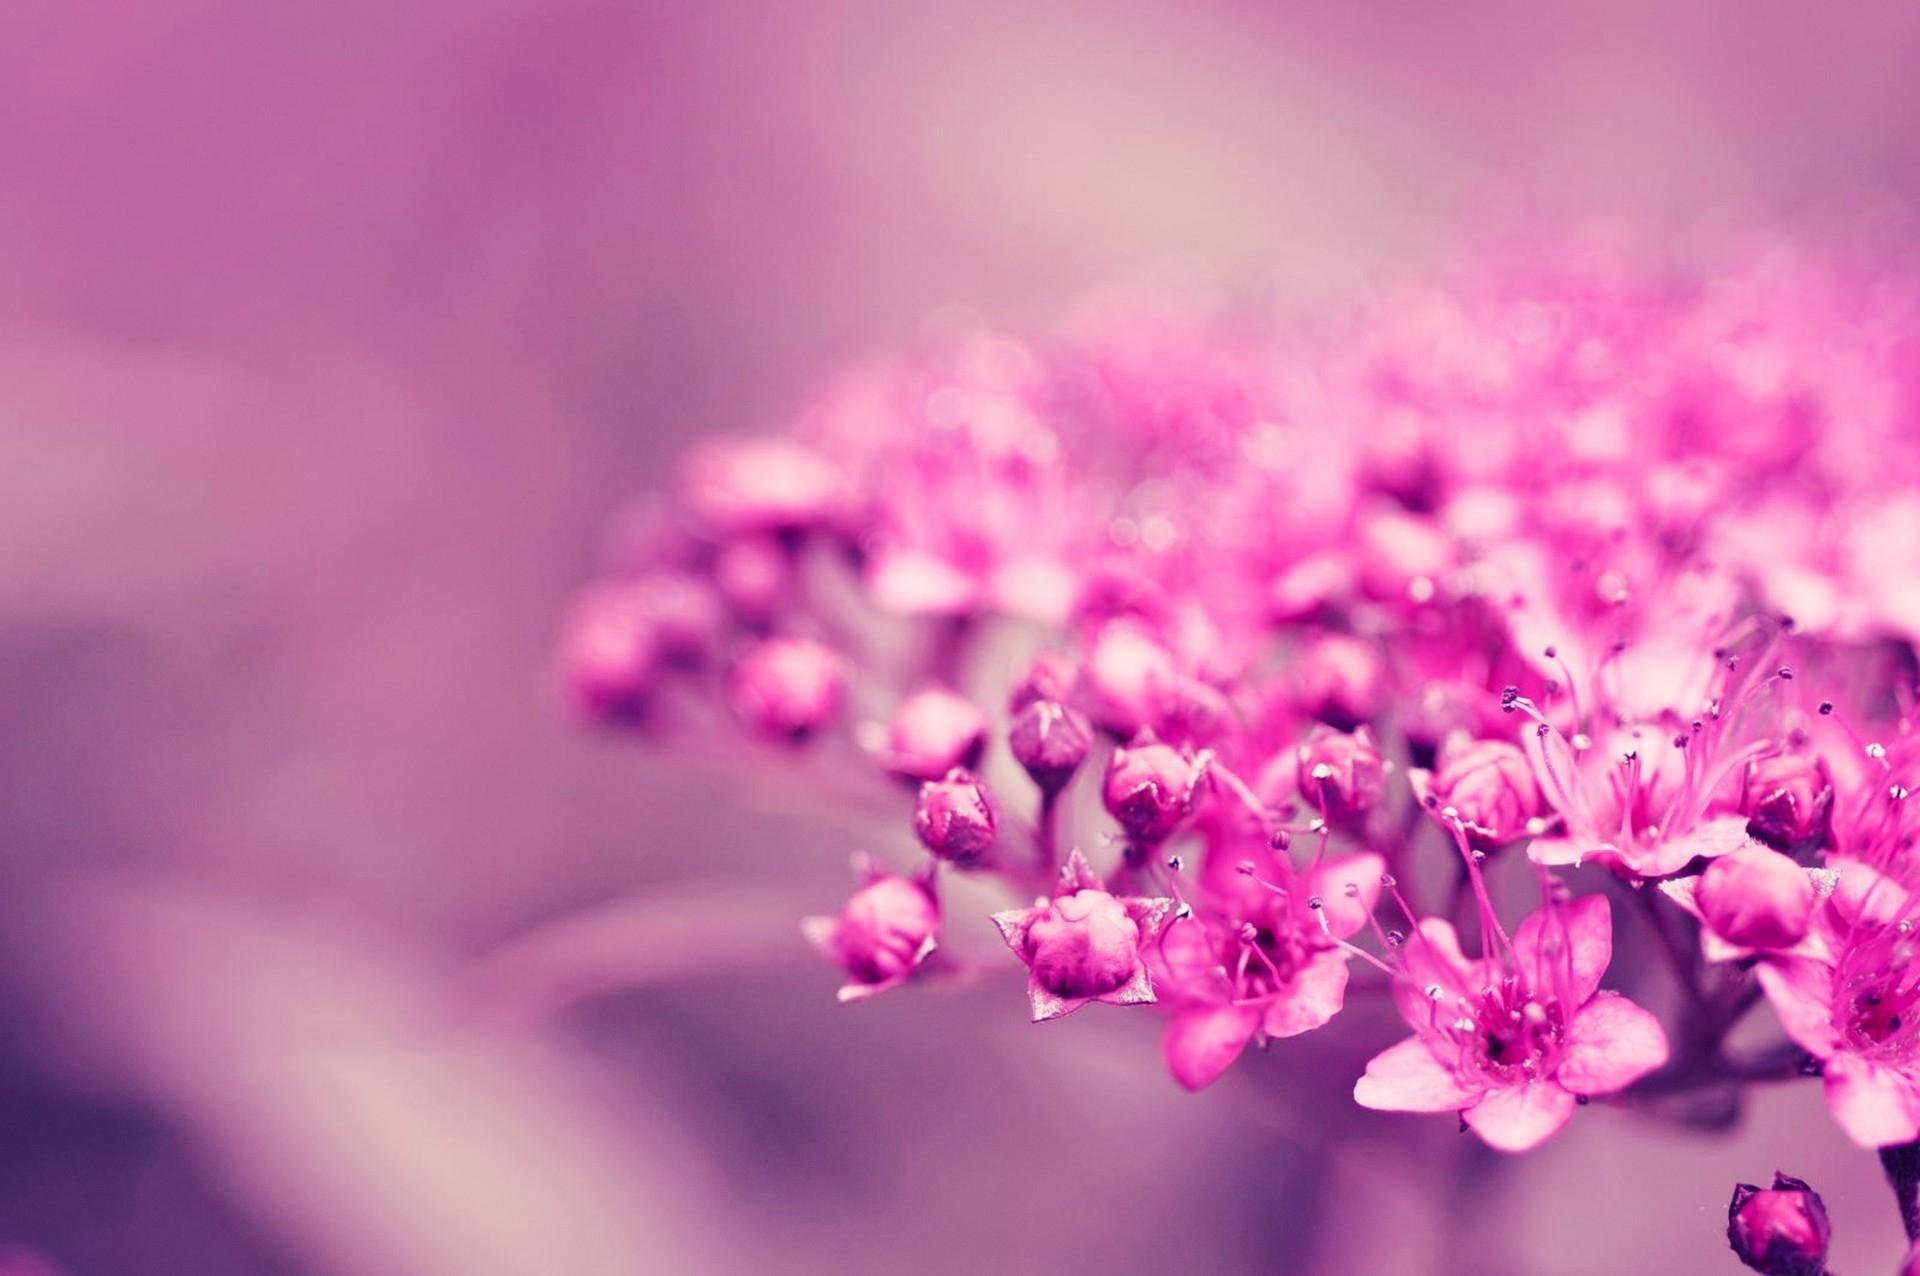 flowers-macro-pink-flowers-wallpaper-4.jpg